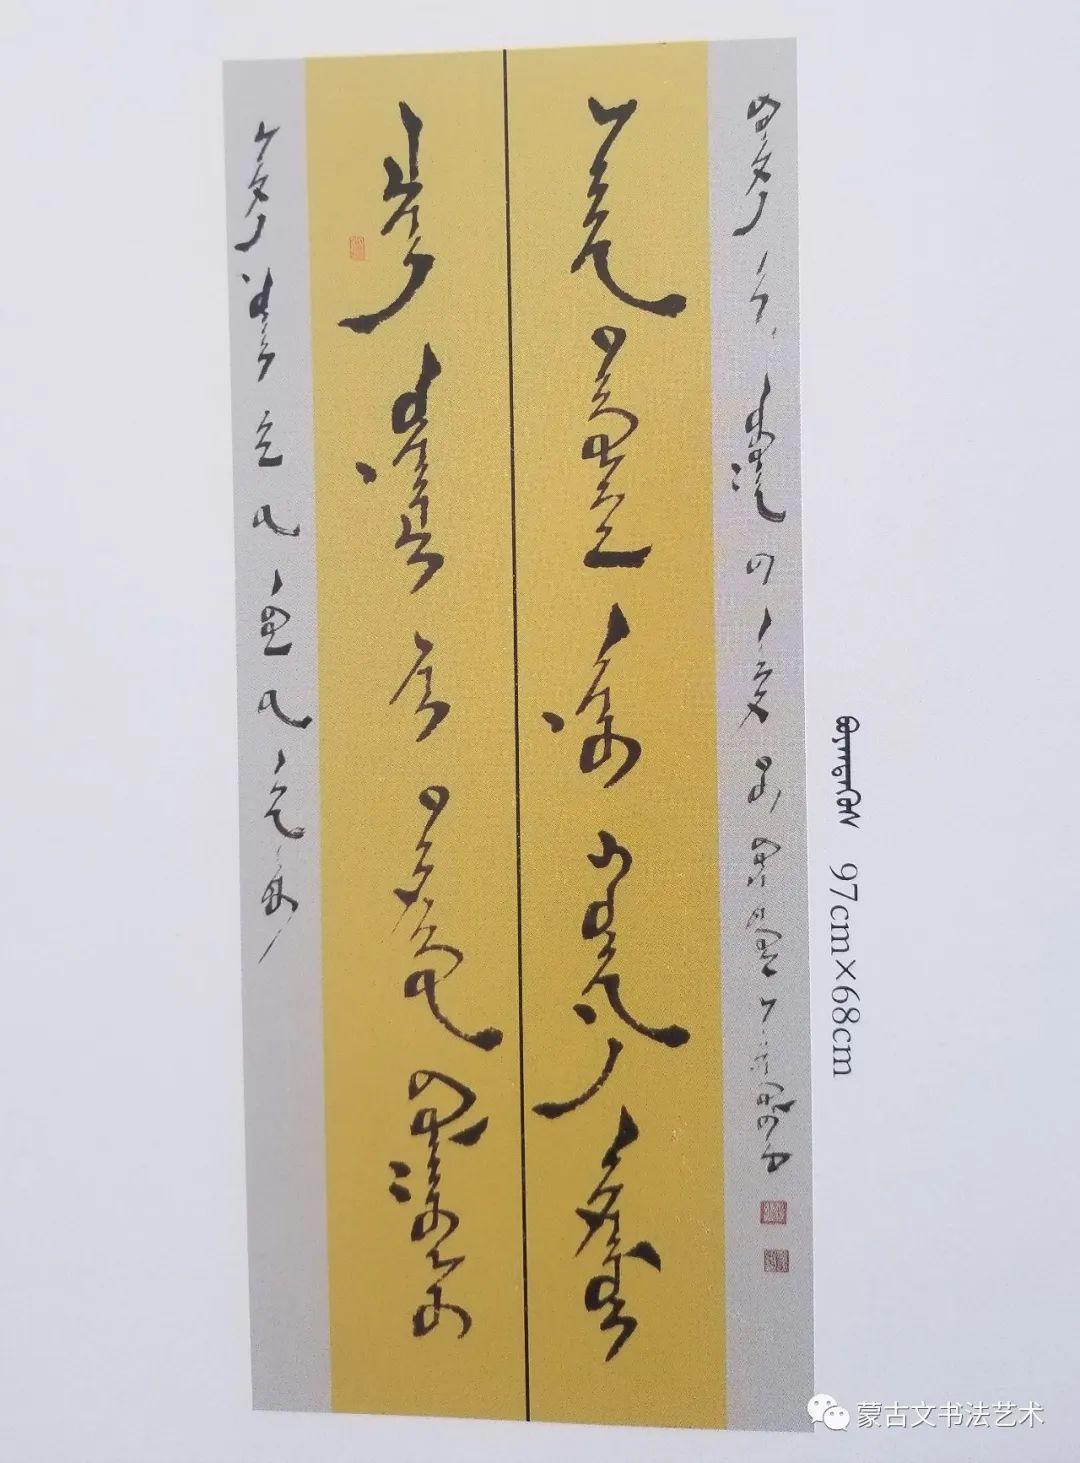 蒙古文书法作品集 第10张 蒙古文书法作品集 蒙古书法